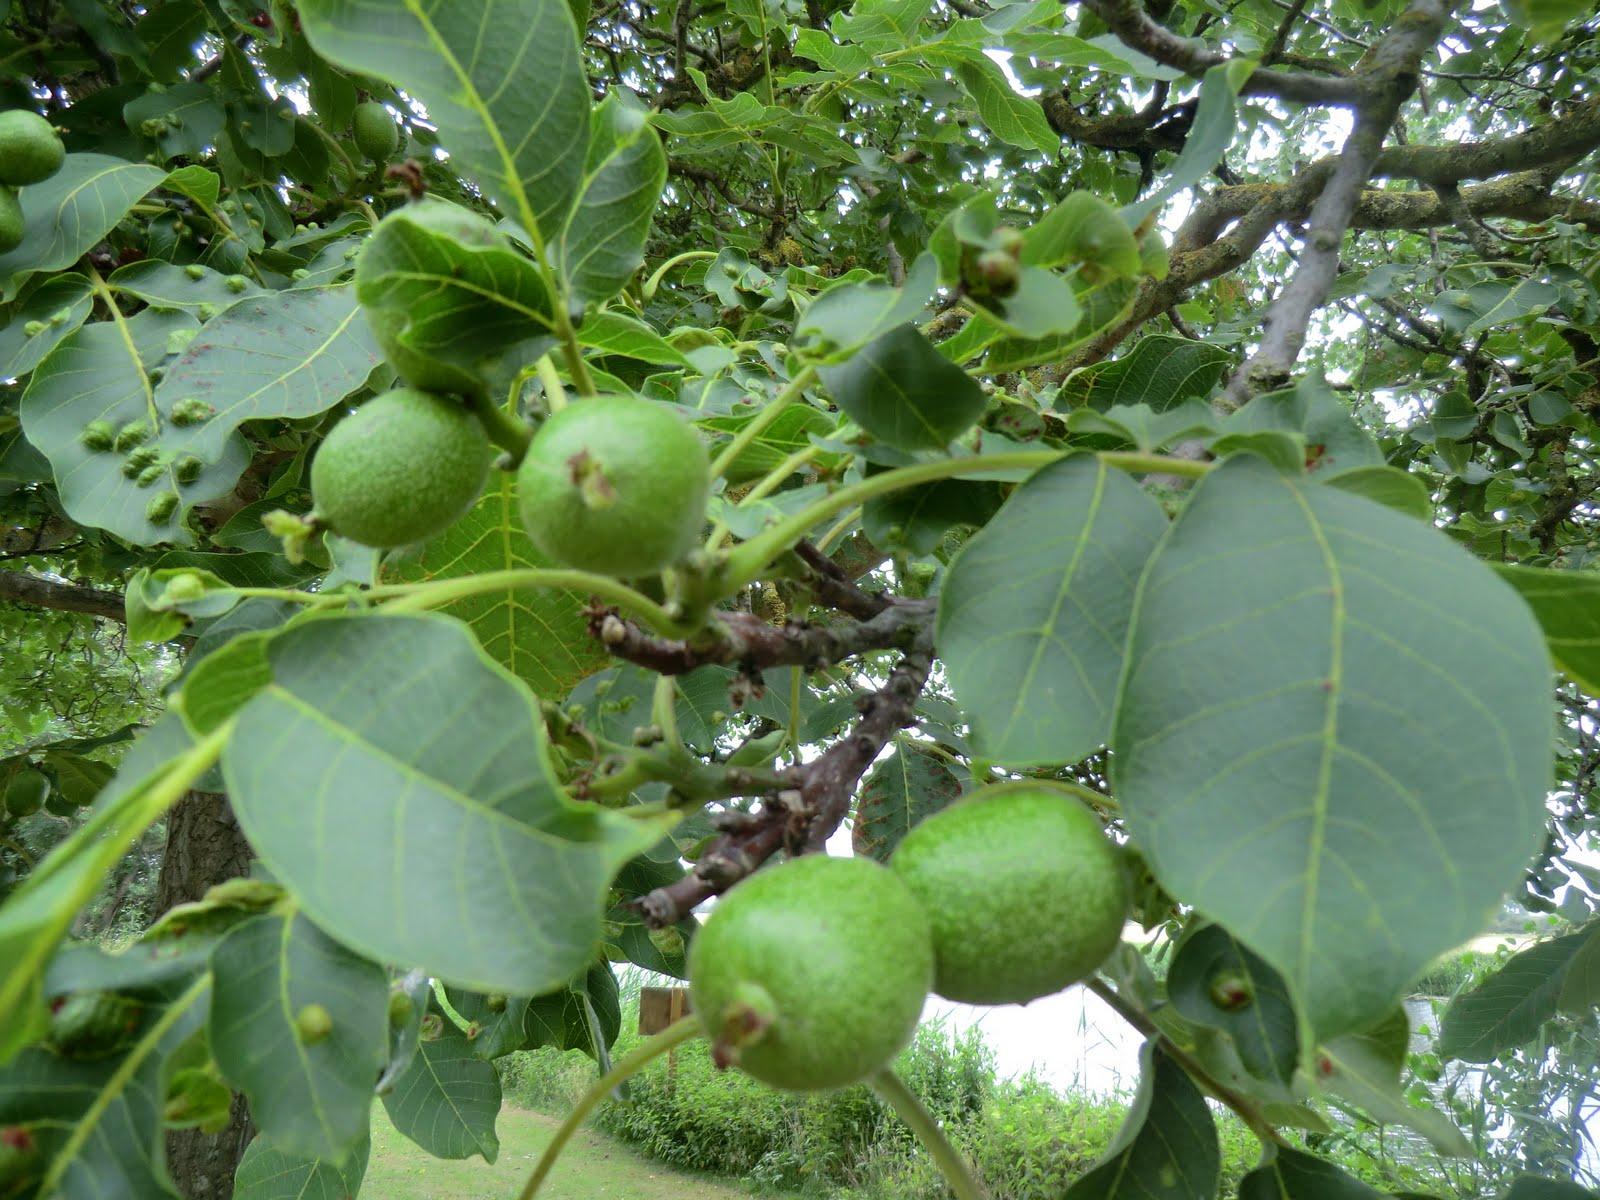 CIMG7755 Walnut tree, Riverside Park